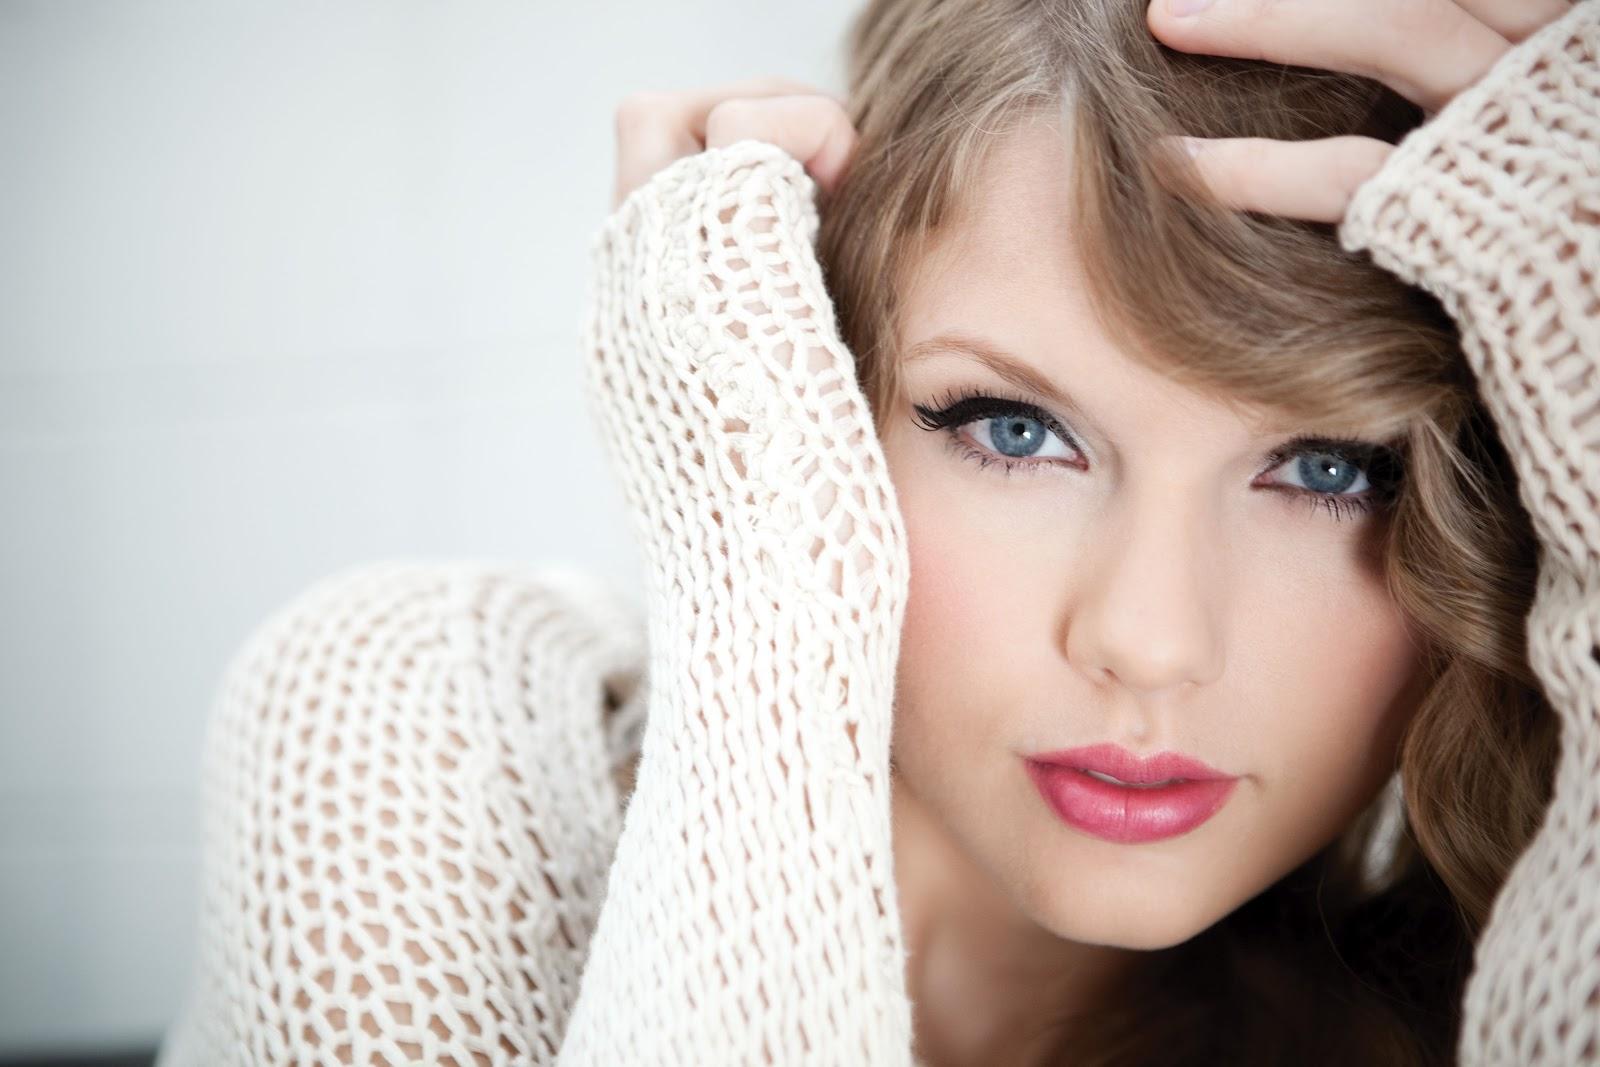 http://3.bp.blogspot.com/-QIi8_oSVWp4/T0uXEfHH1uI/AAAAAAAAAr8/AGs4Sqjkkes/s1600/Taylor+Swift+003.jpg